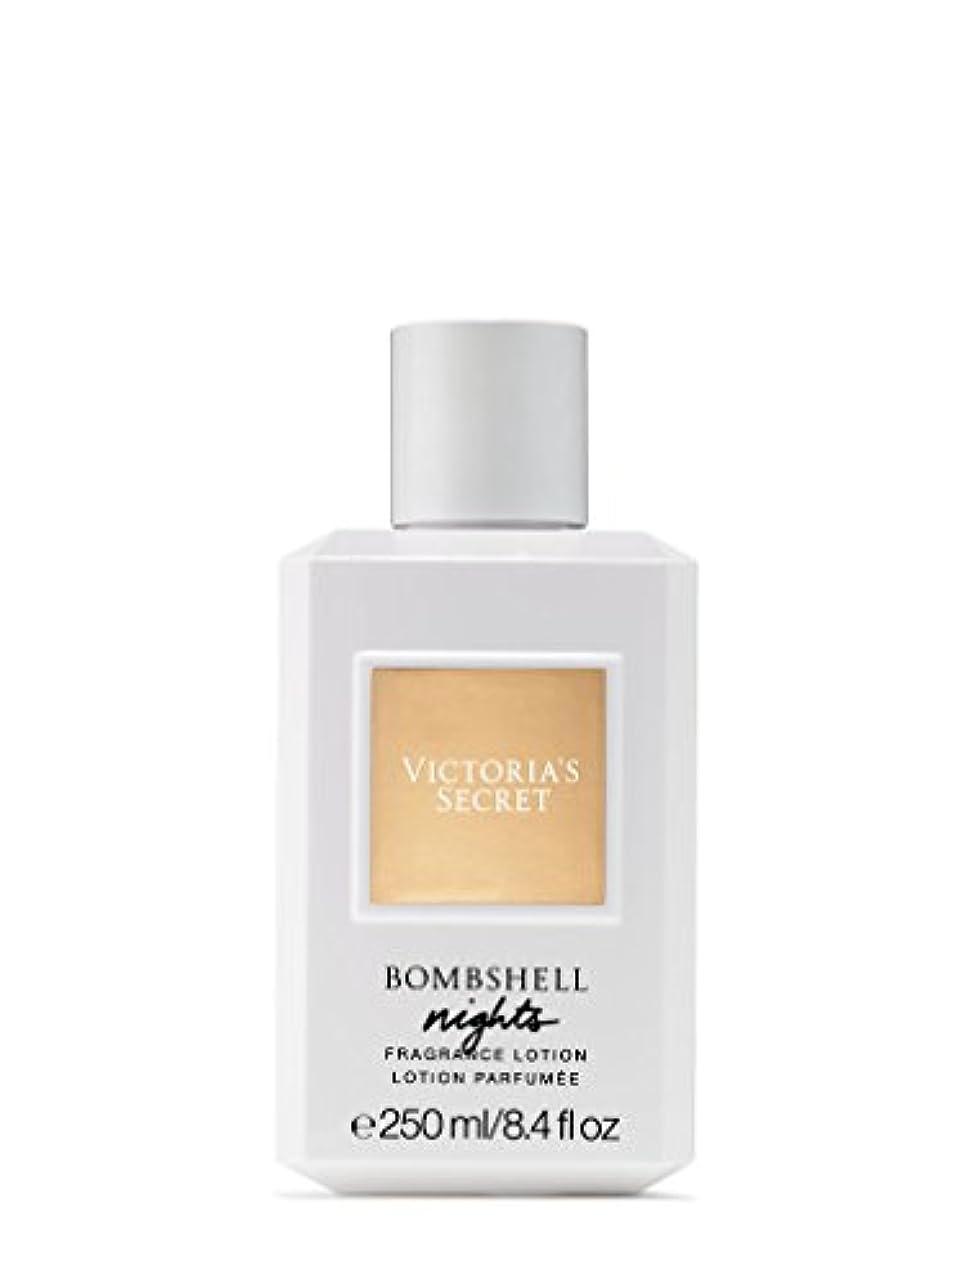 二十尊厳軍団Bombshell Nights (ボムシェル ナイツ) 8.4 oz (252ml) Fragrance Body Lotion ボディーローション by Victoria's Secret for Women